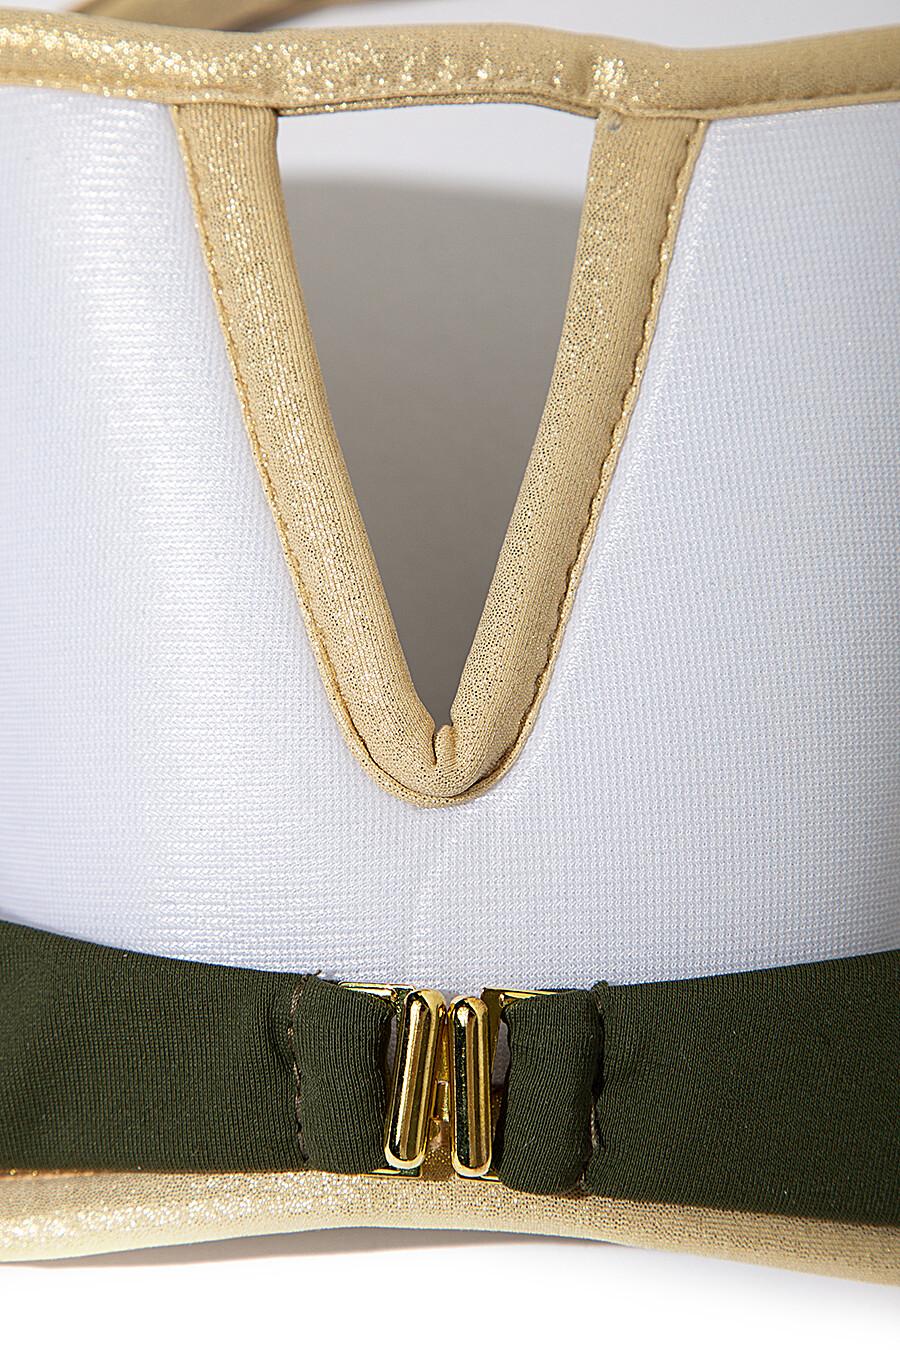 Бюстгальтер для женщин ESLI 124304 купить оптом от производителя. Совместная покупка женской одежды в OptMoyo